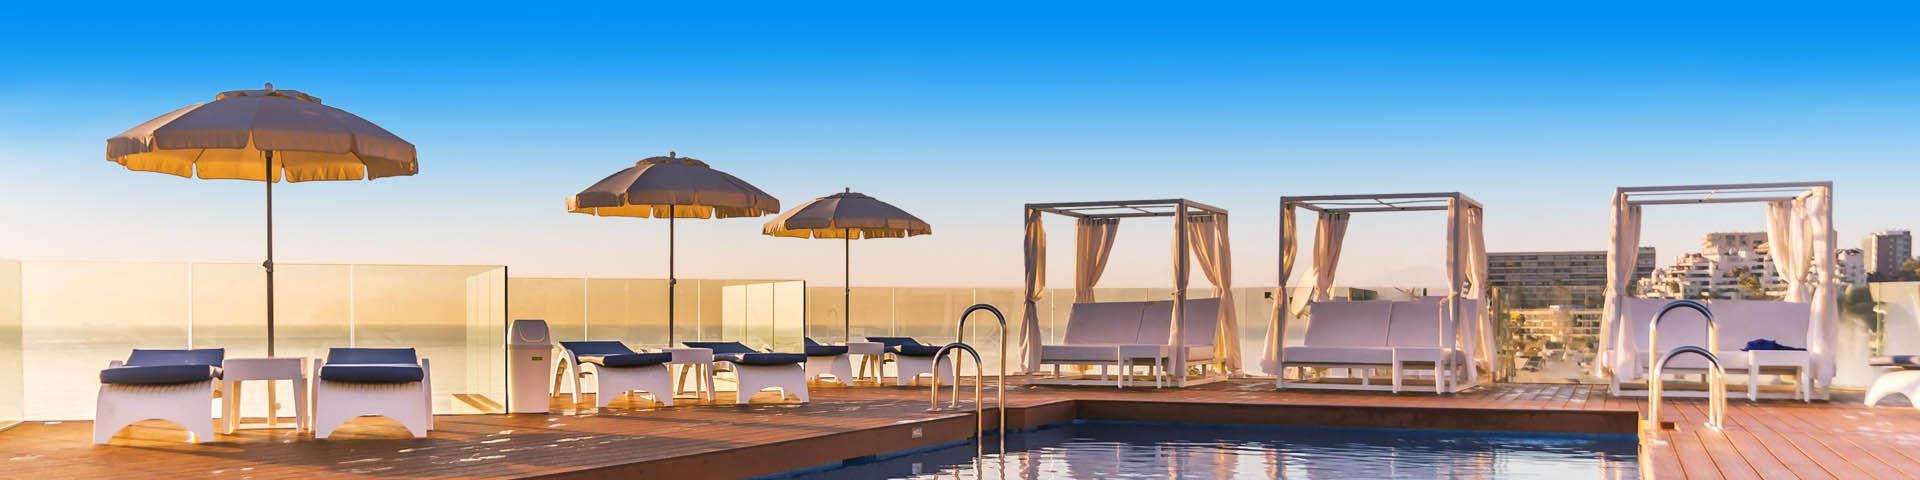 Heerlijk luxe hemelbed en ligbedjes aan een zwembad in Torremolinos